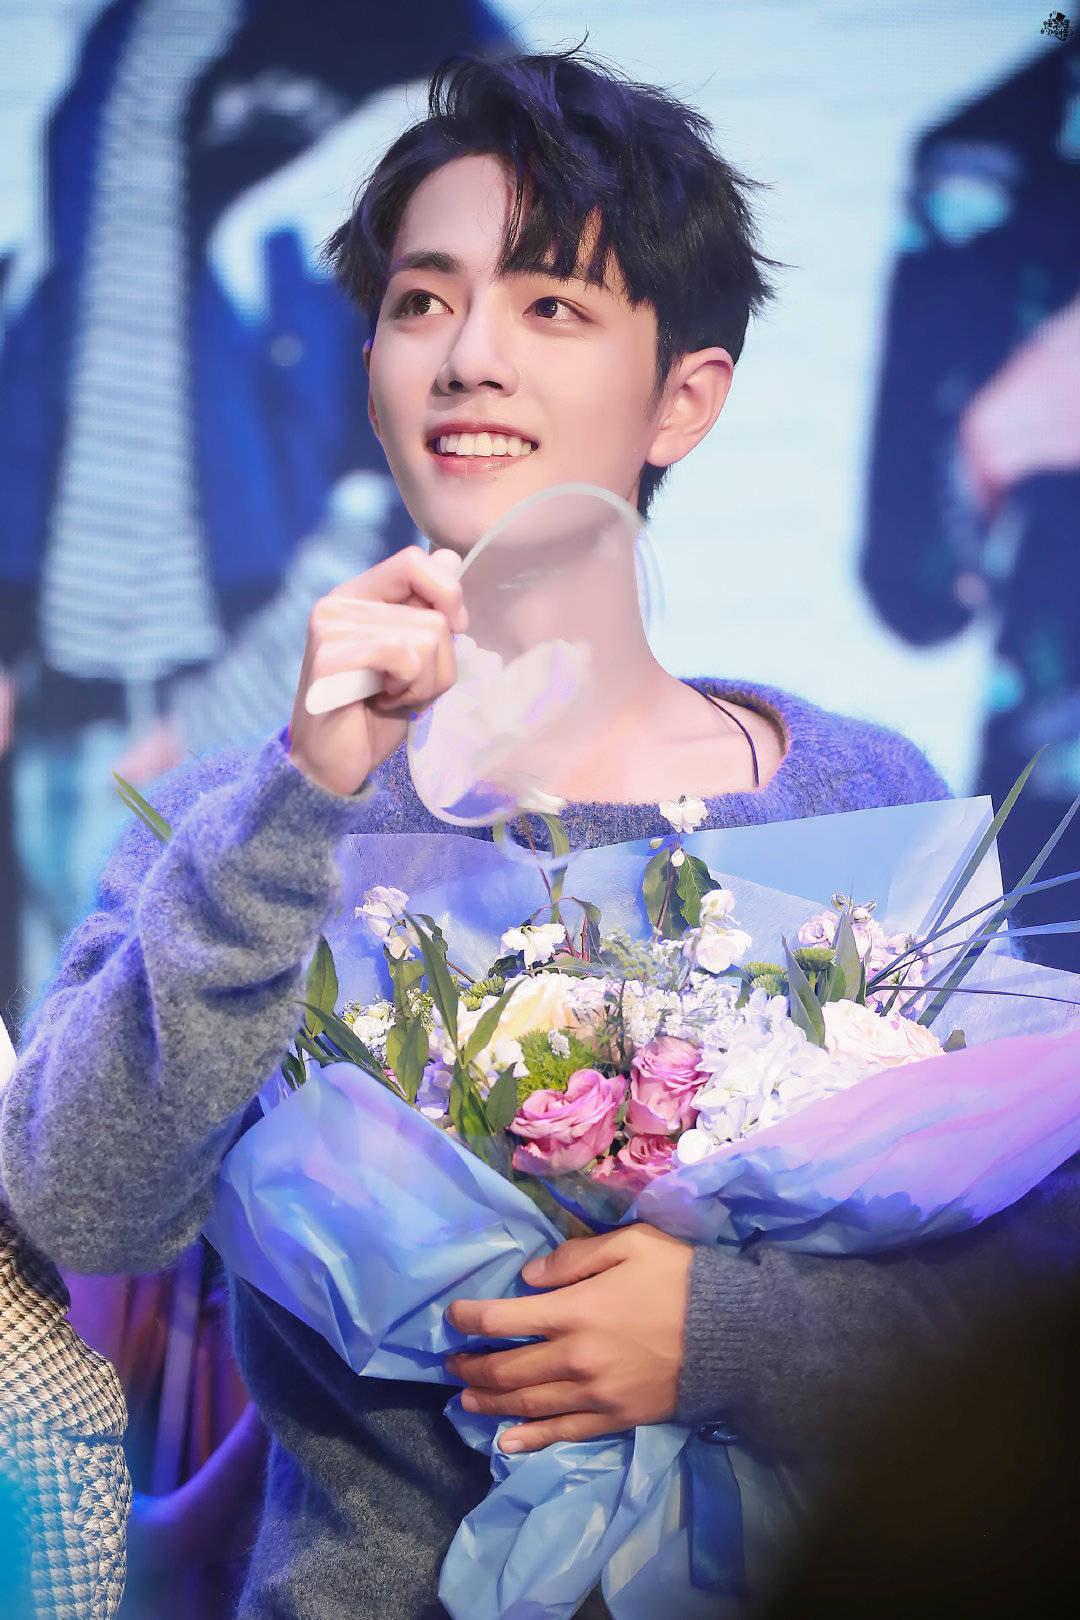 12 trai đẹp Cbiz cầm hoa tỏ tình, chàng trai nào khiến bạn gật đầu nguyện ý? 9